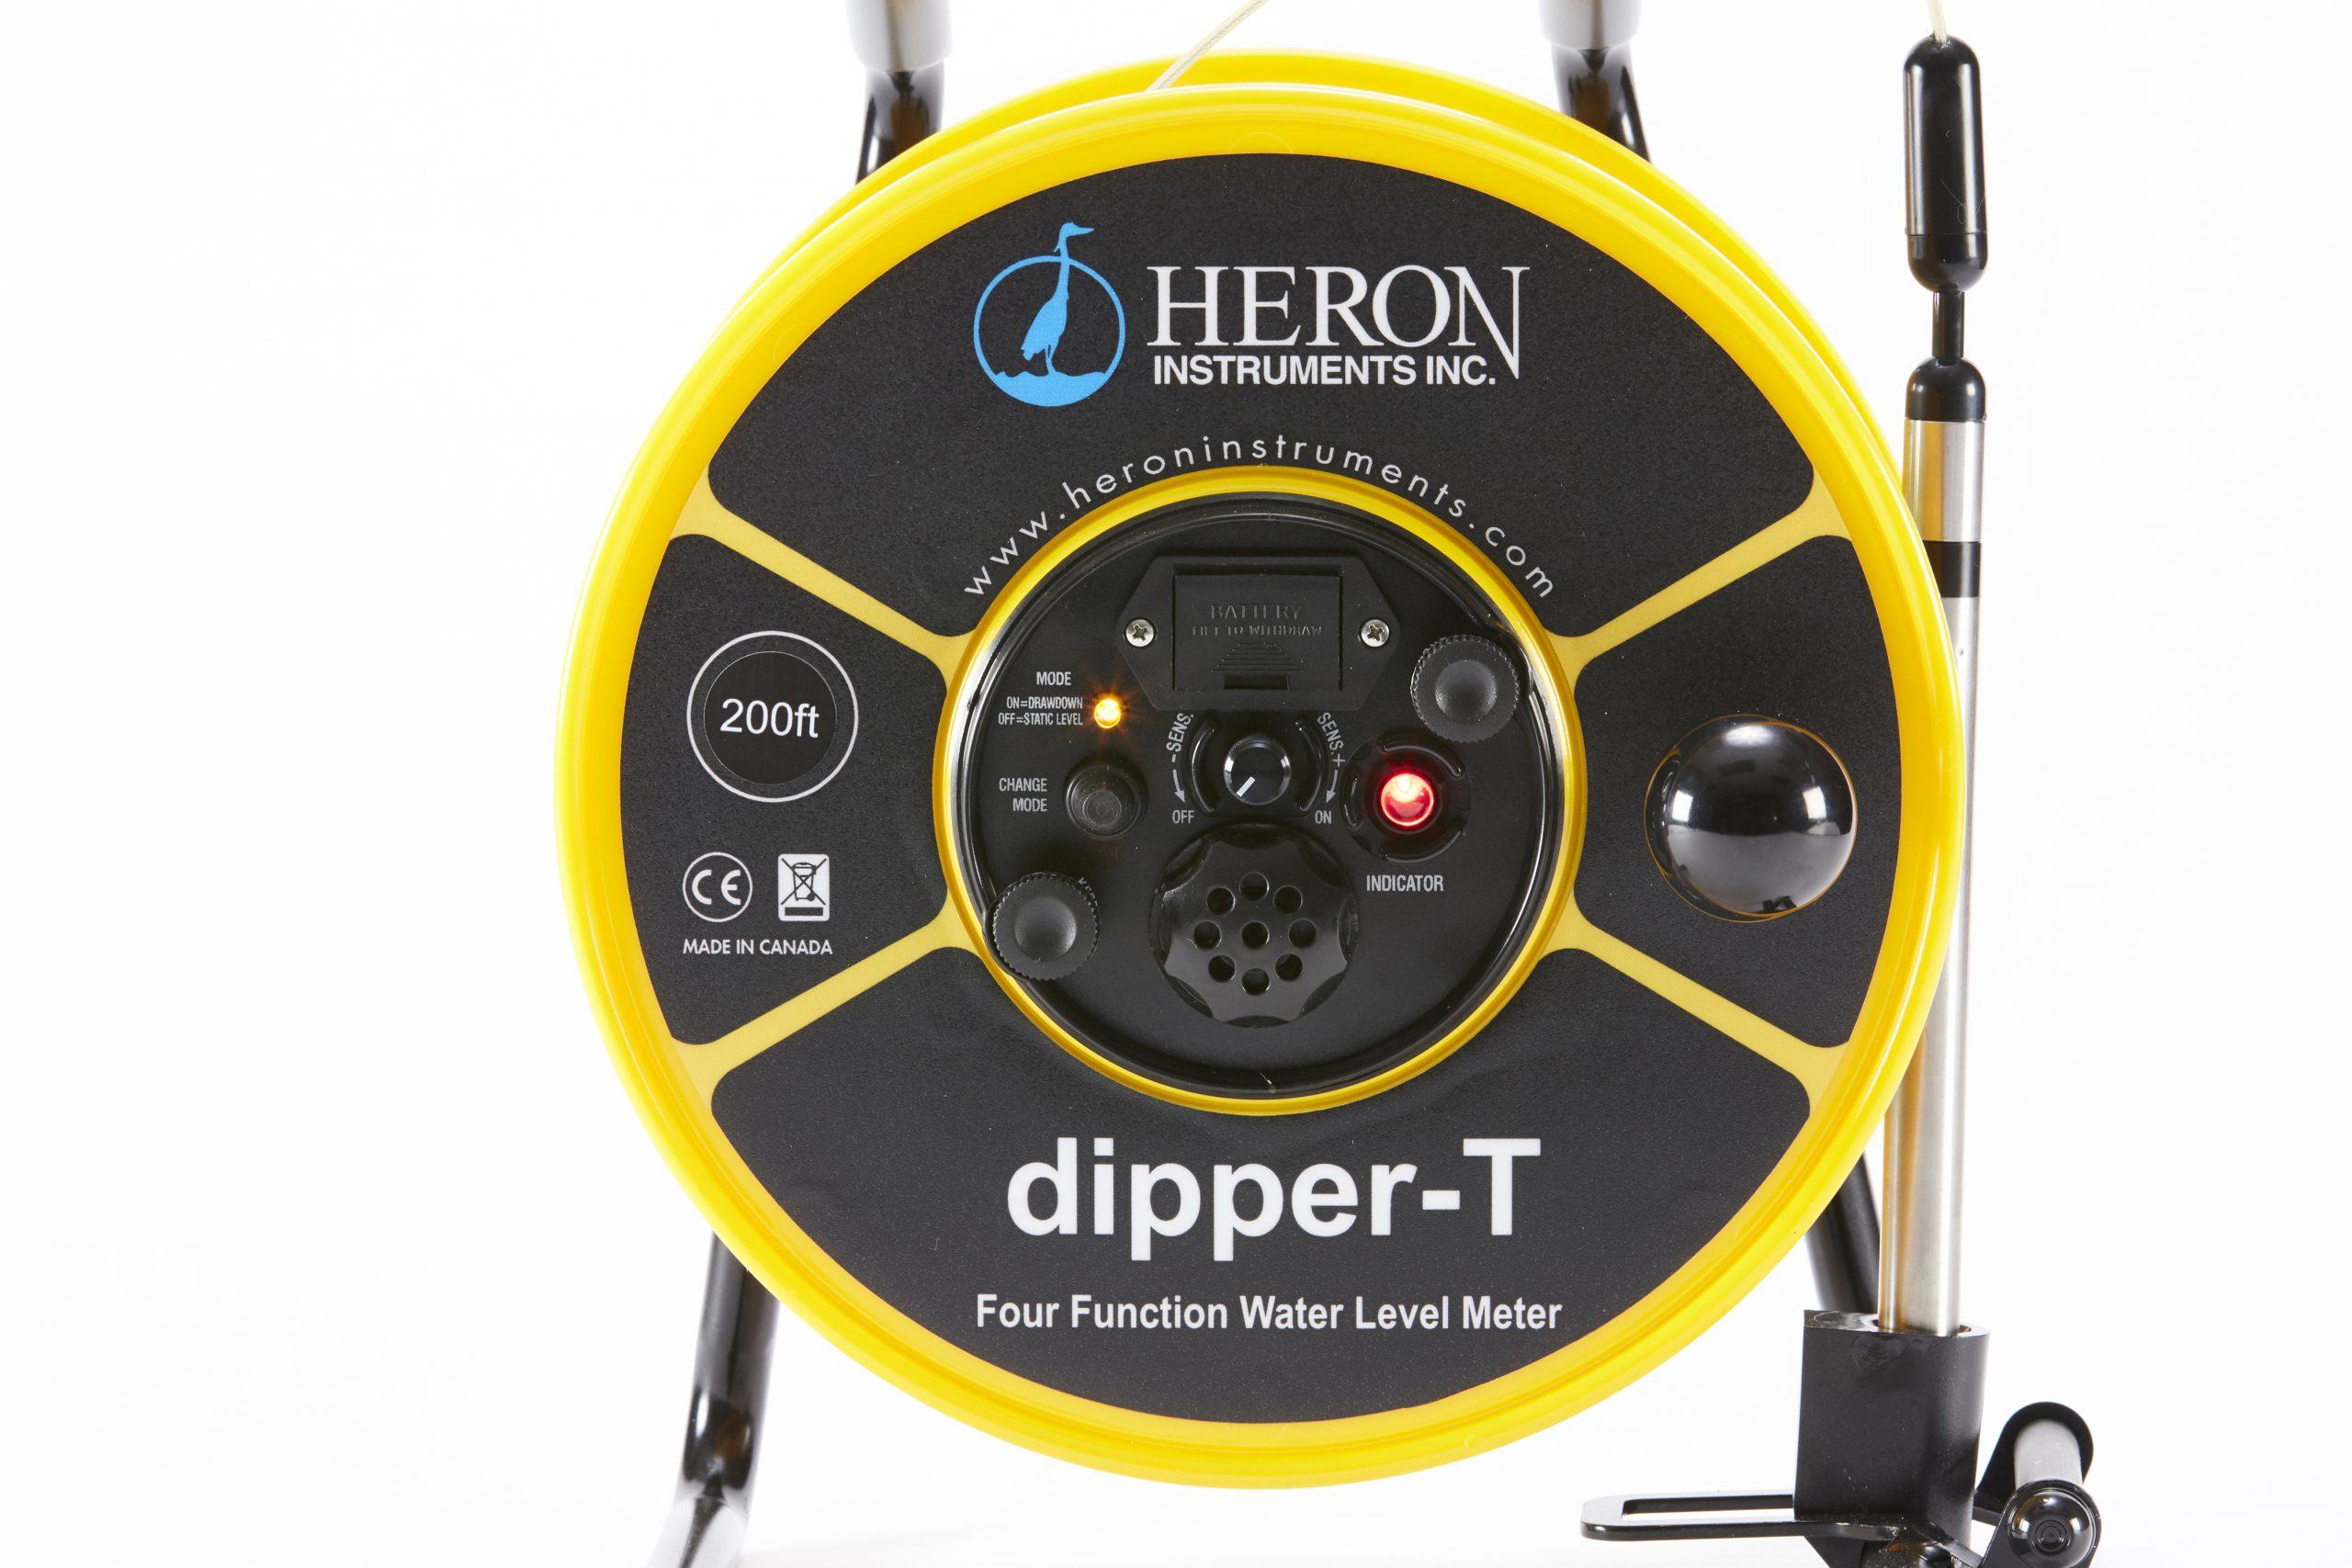 dipper-t water level meter